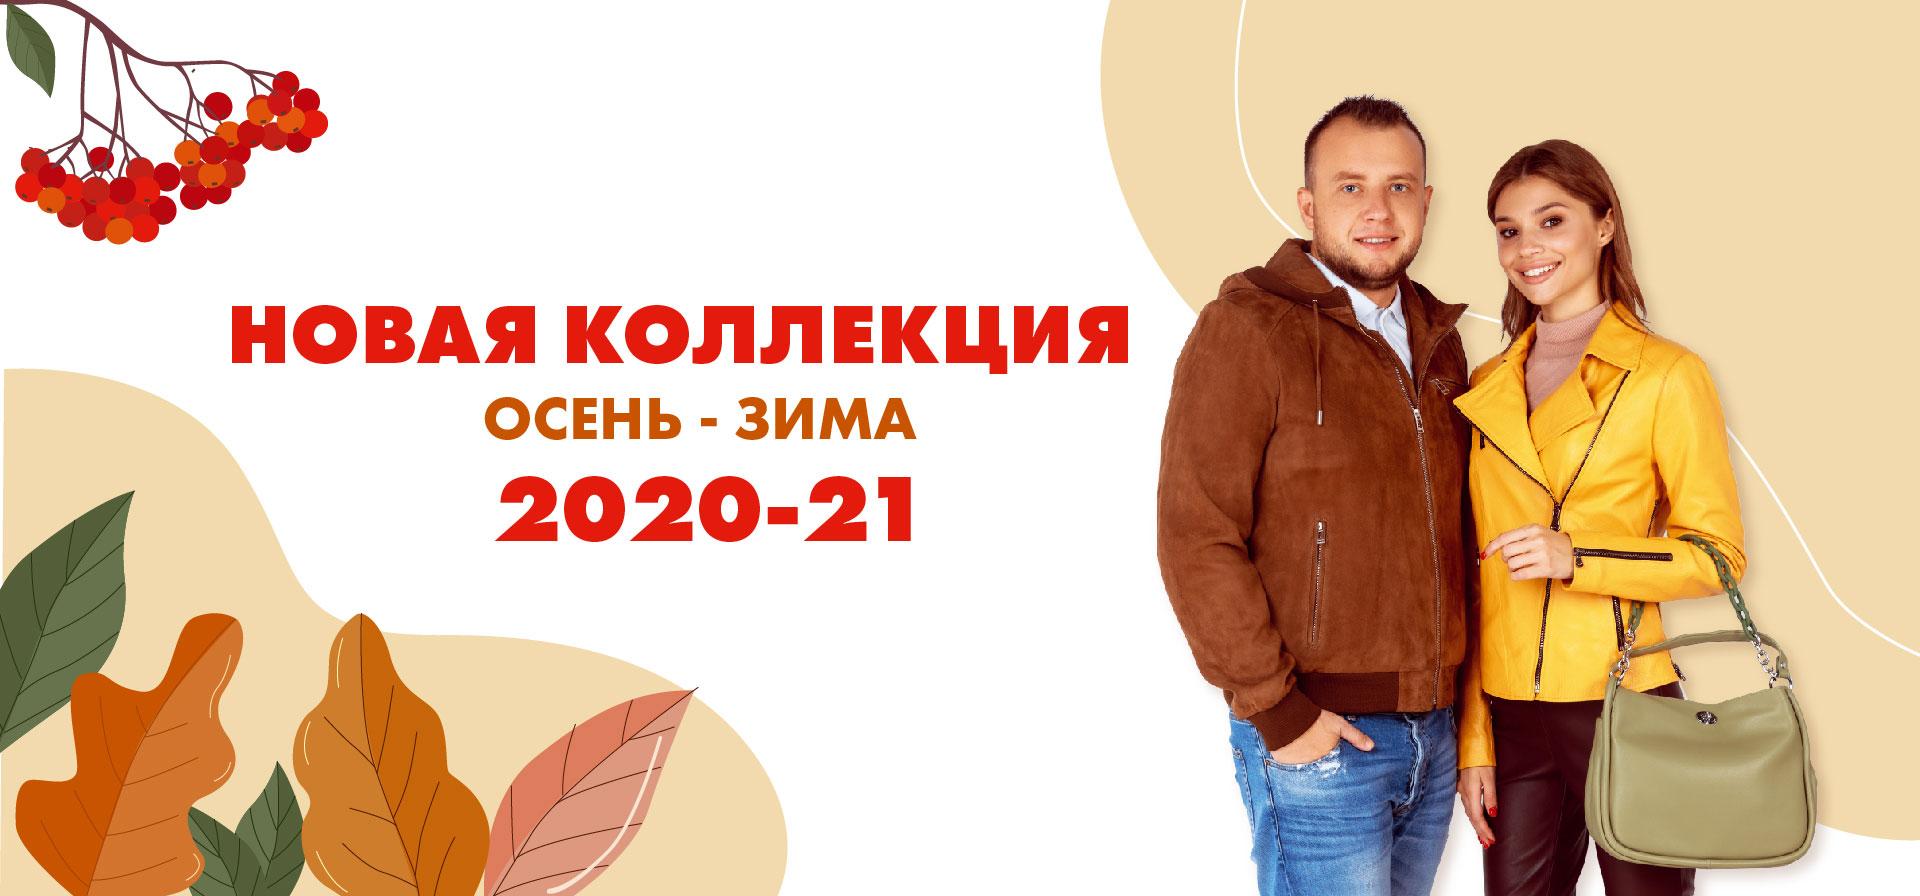 Новая коллекция осень заима 2020-21